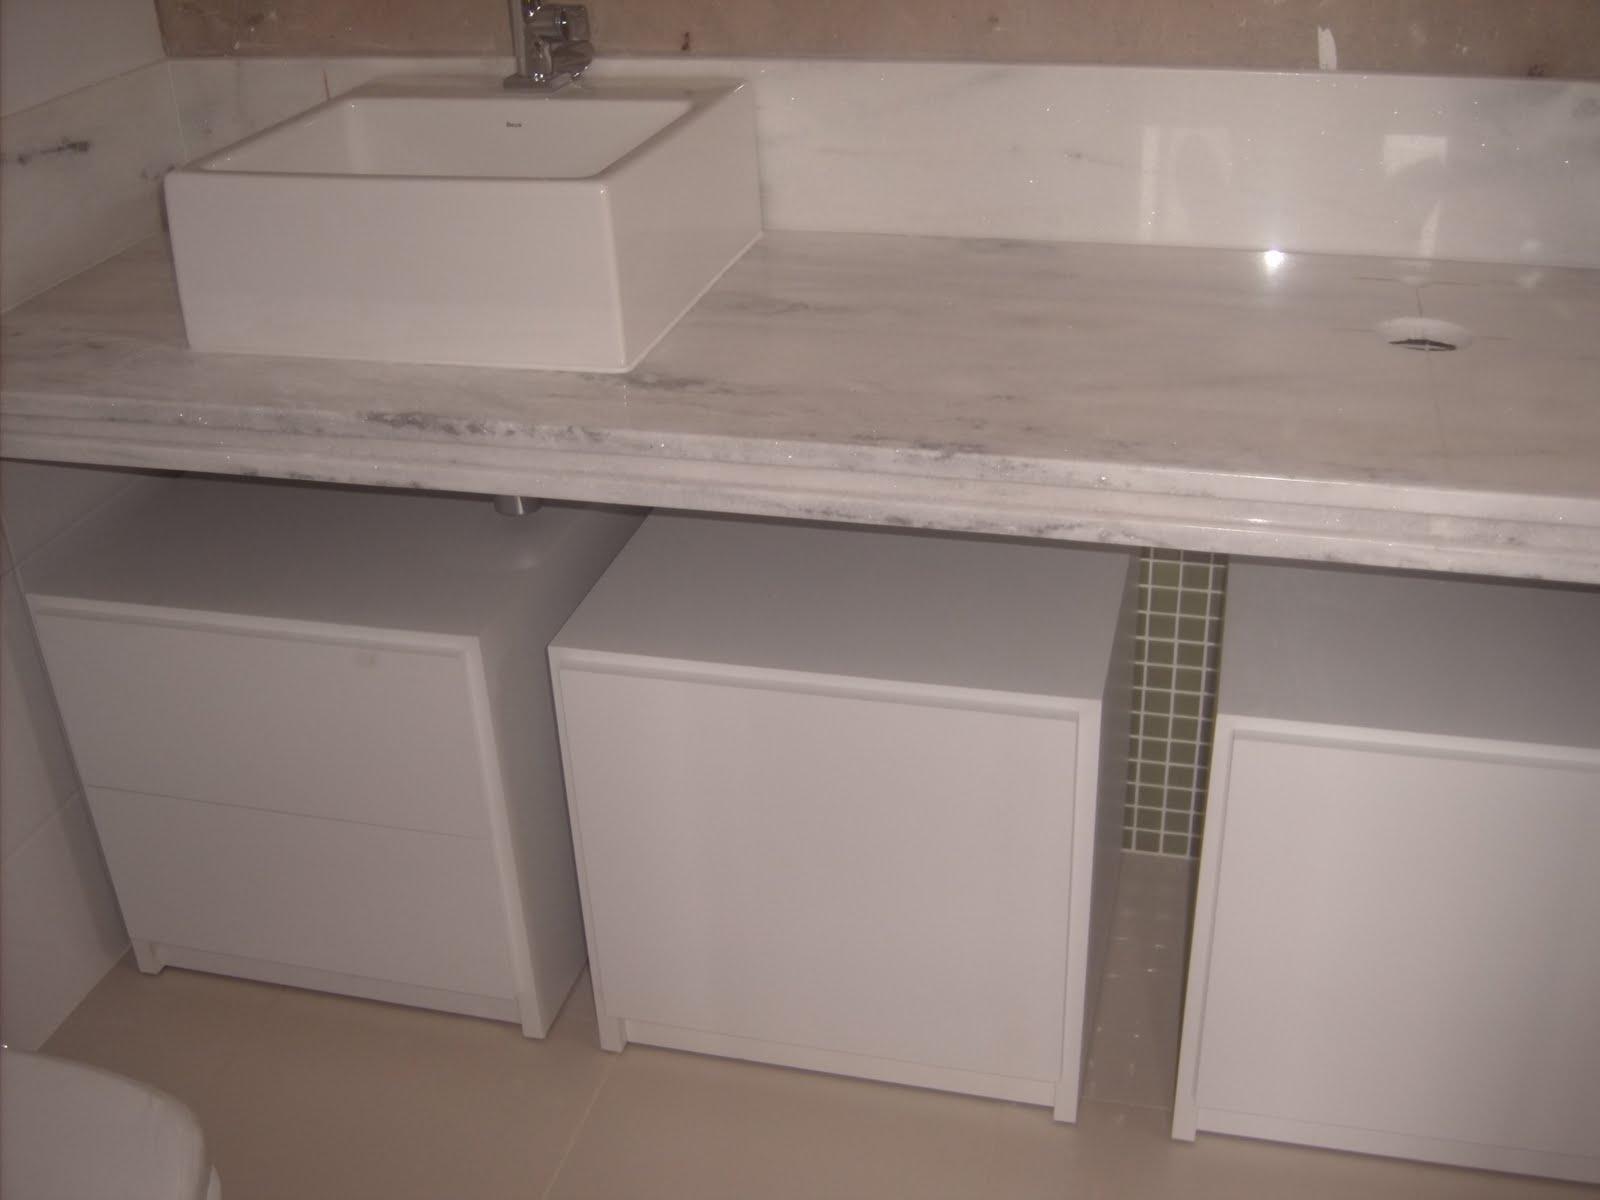 três módulos com rodinhas debaixo de pia #6C5950 1600x1200 Armario Banheiro Com Rodinhas